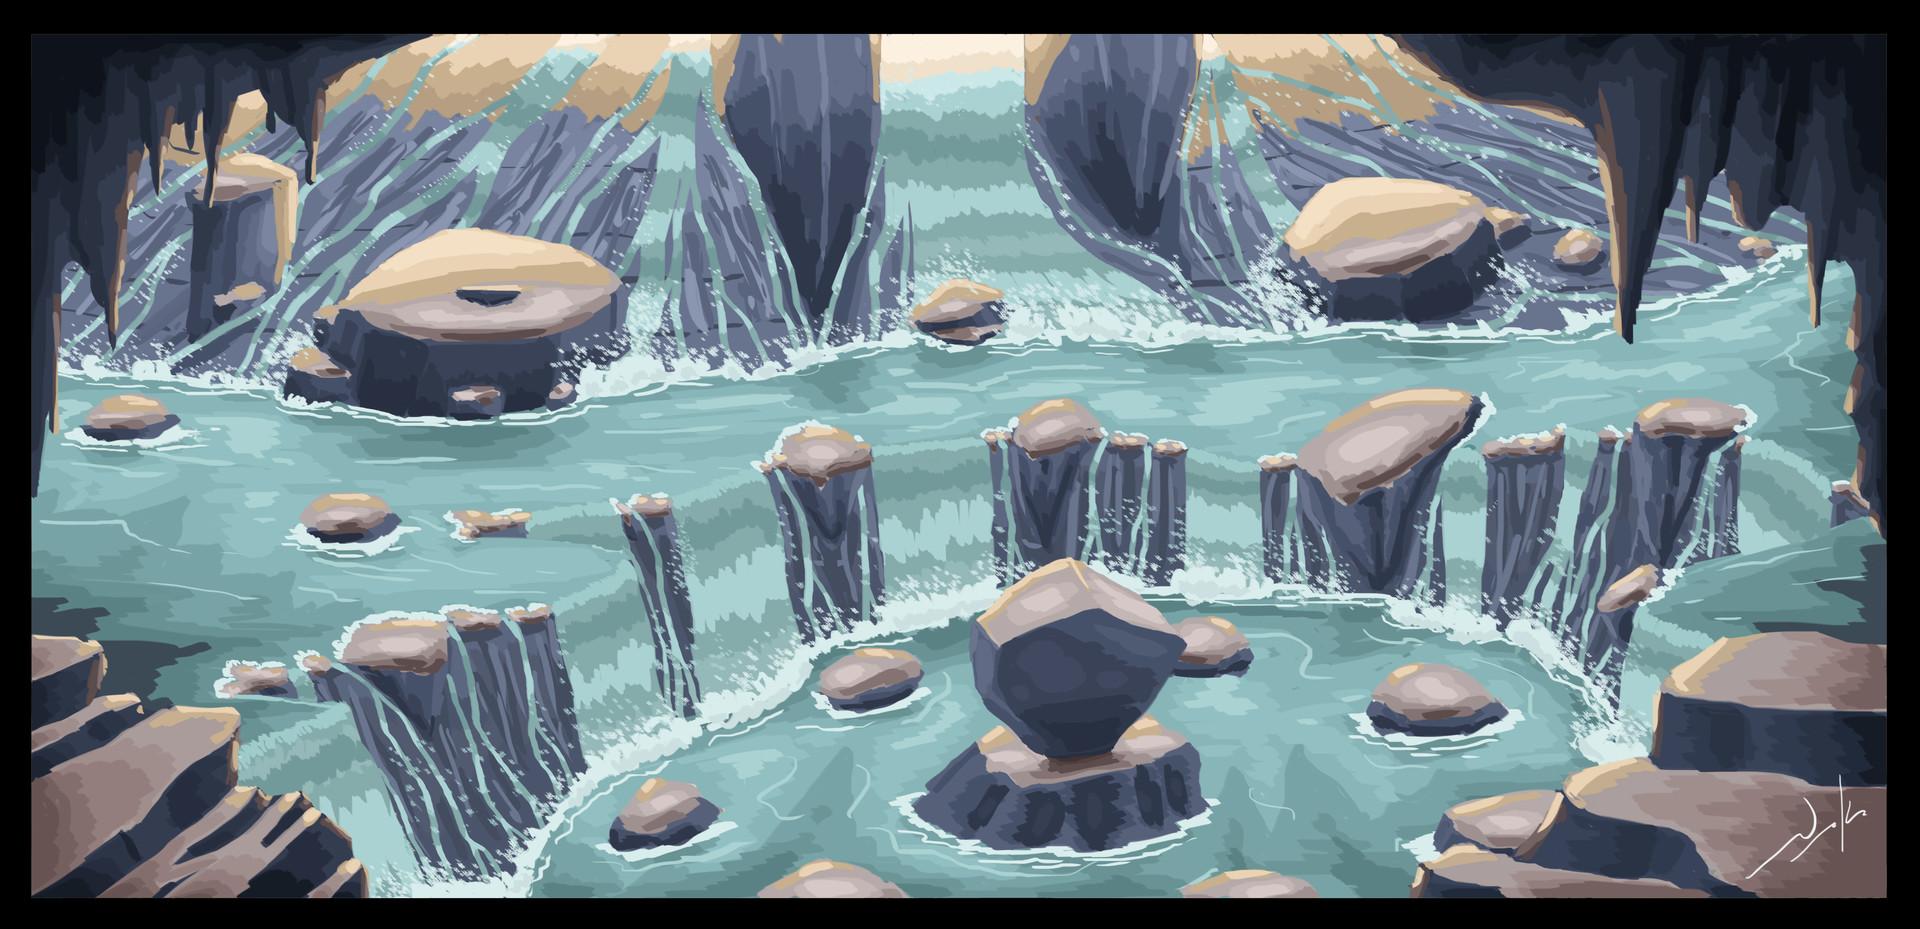 Naka isurita waterfalls 2